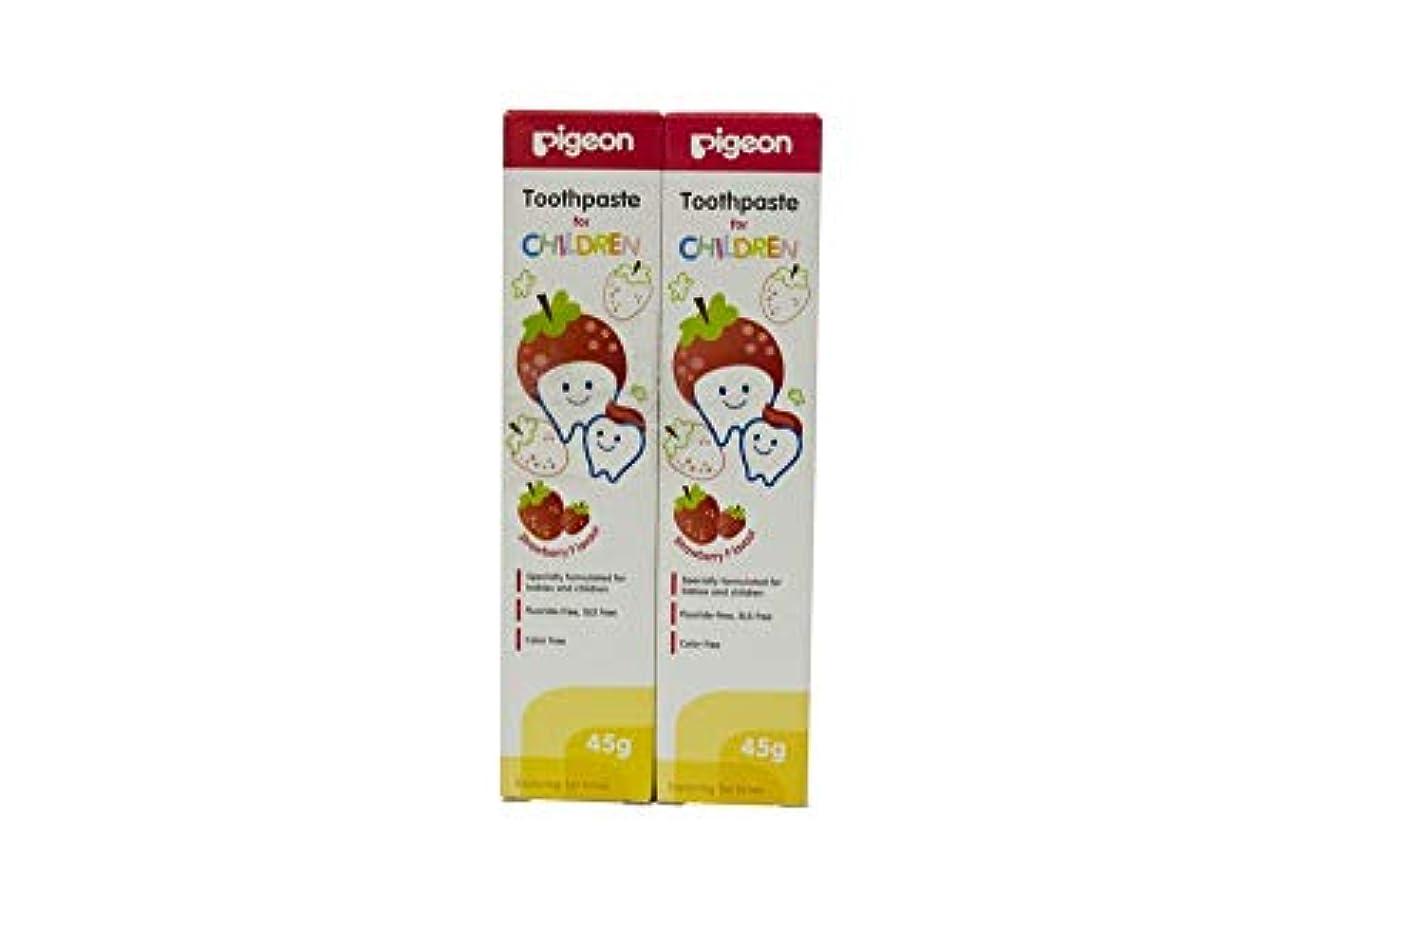 間に合わせ革命的資格情報Pigeon Strawberry Toothpaste (45g, Pack of 2)